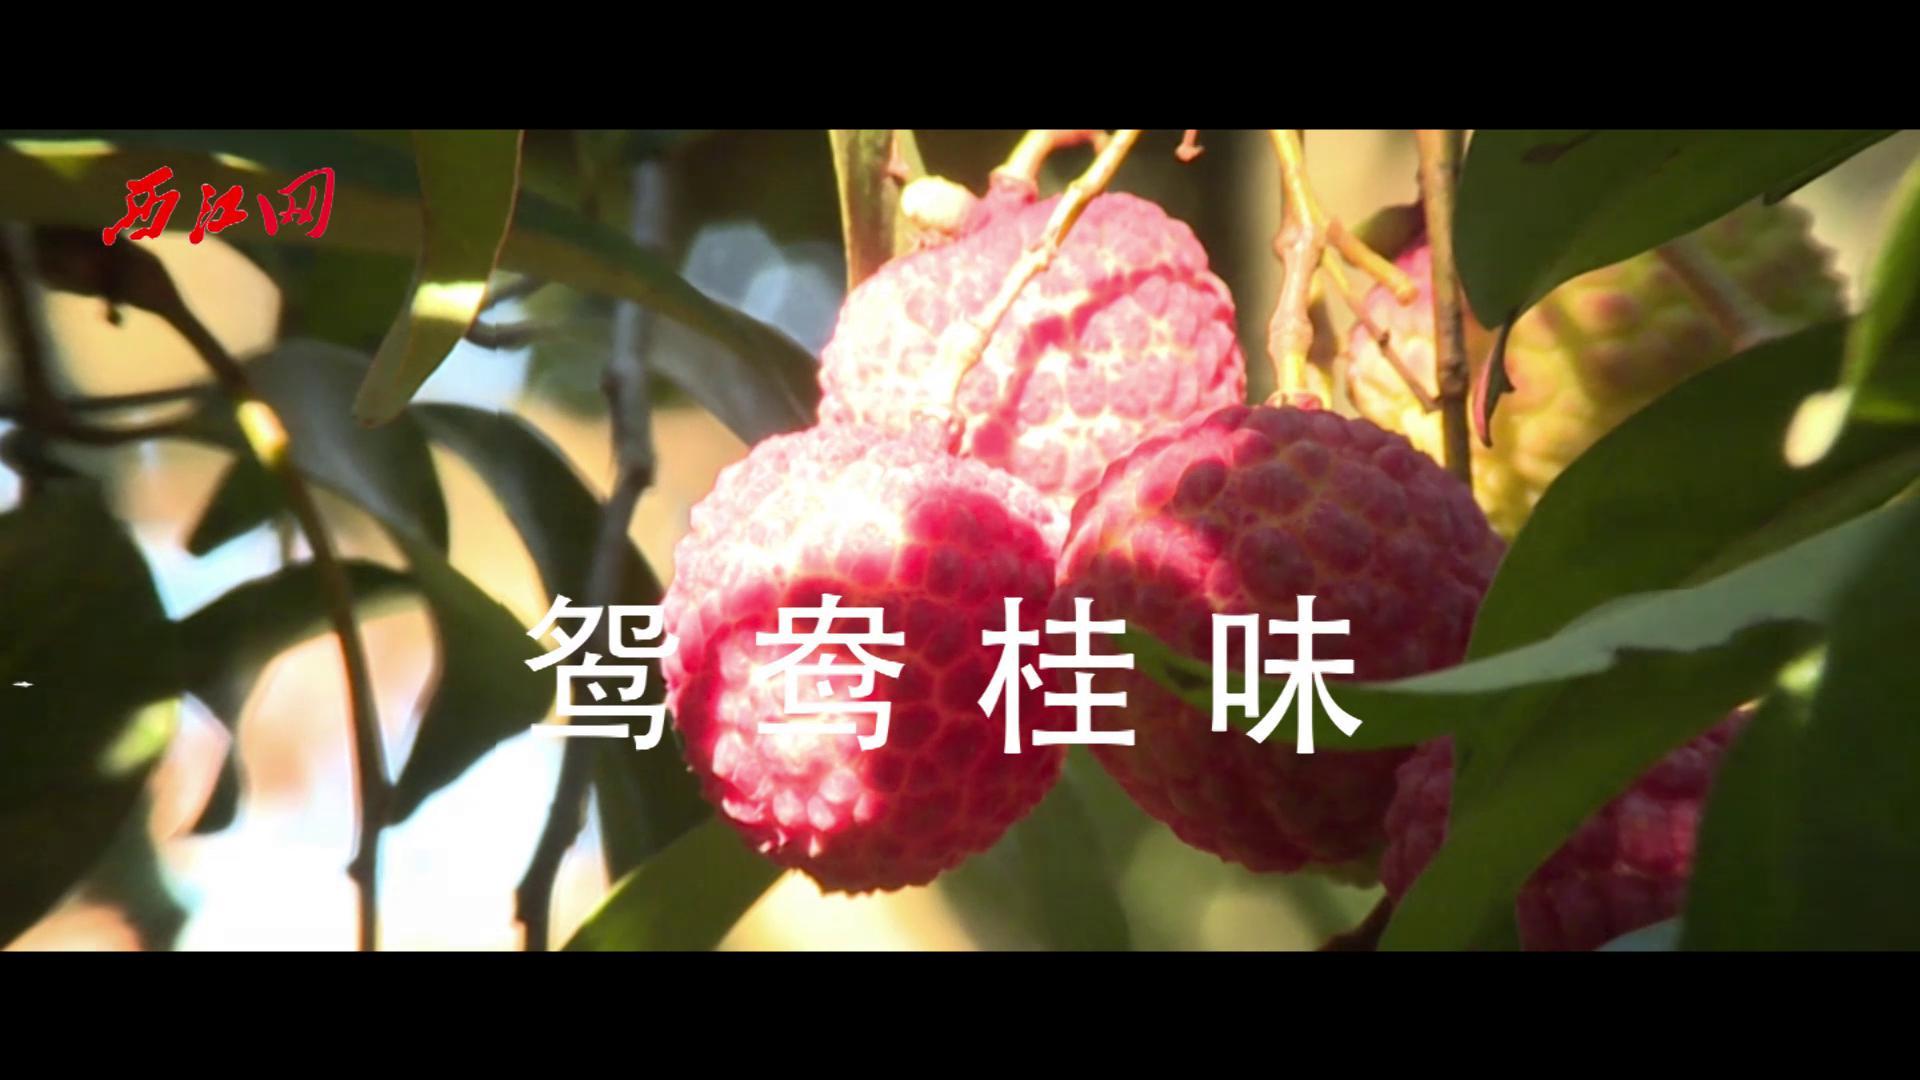 德慶官圩荔枝飄香正當時 果園經濟助力鄉村發展